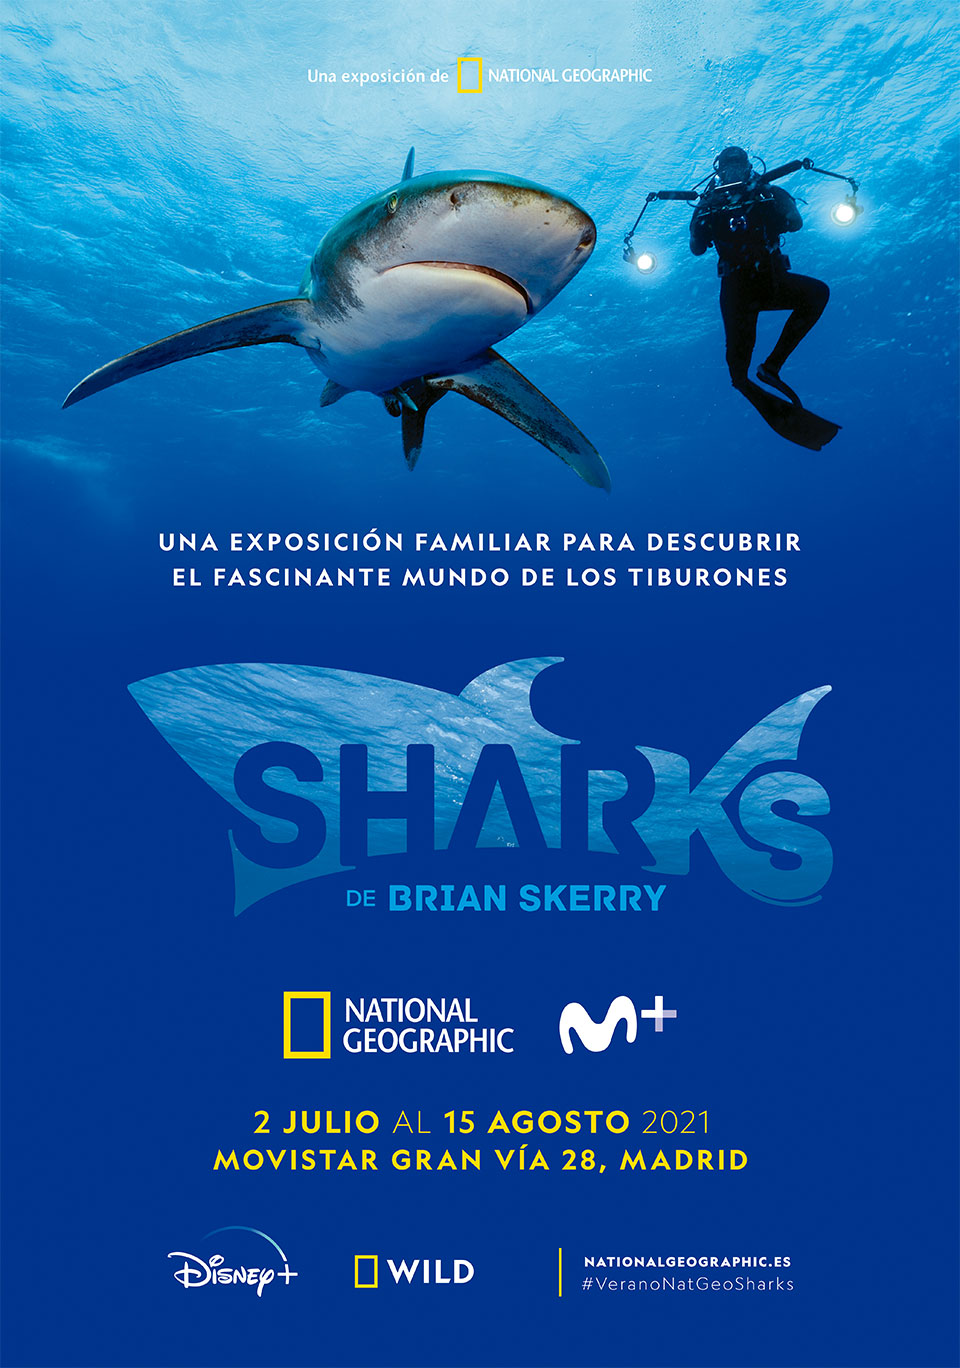 UNA EXPOSICIÓN FAMILIAR PARA DESCUBRIR EL FASCINANTE MUNDO DE LOS TIBURONES - SHARKS DE BRIAN SKERRY - 2 JULIO AL 15 AGOSTO 2021 MOVISTAR GRAN VÍA 28, MADRID